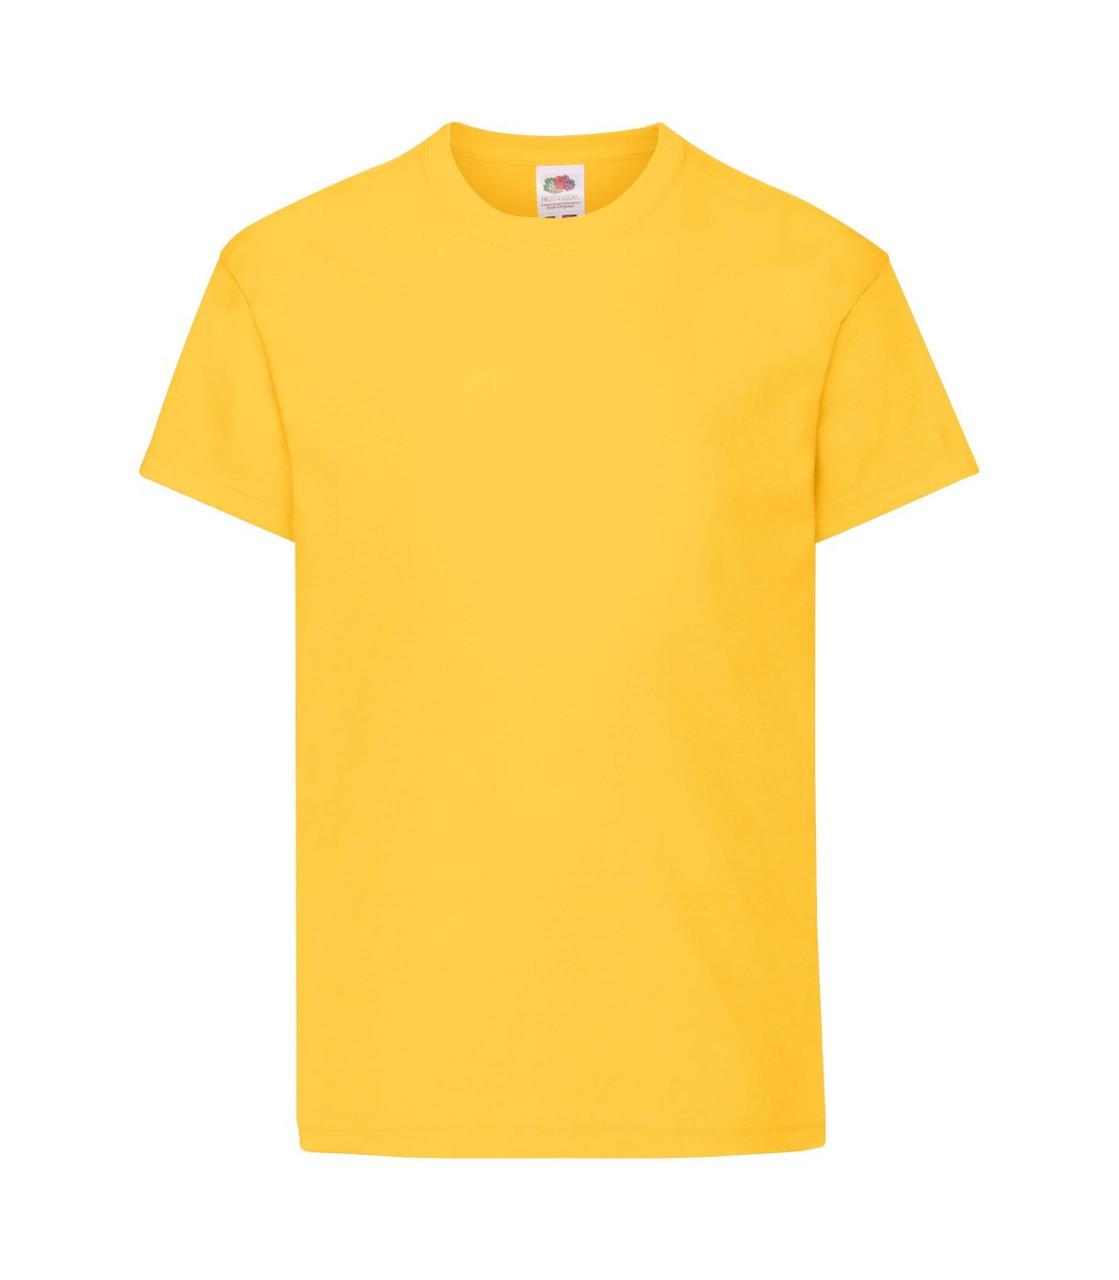 Футболка для мальчиков хлопок желтая 019-34